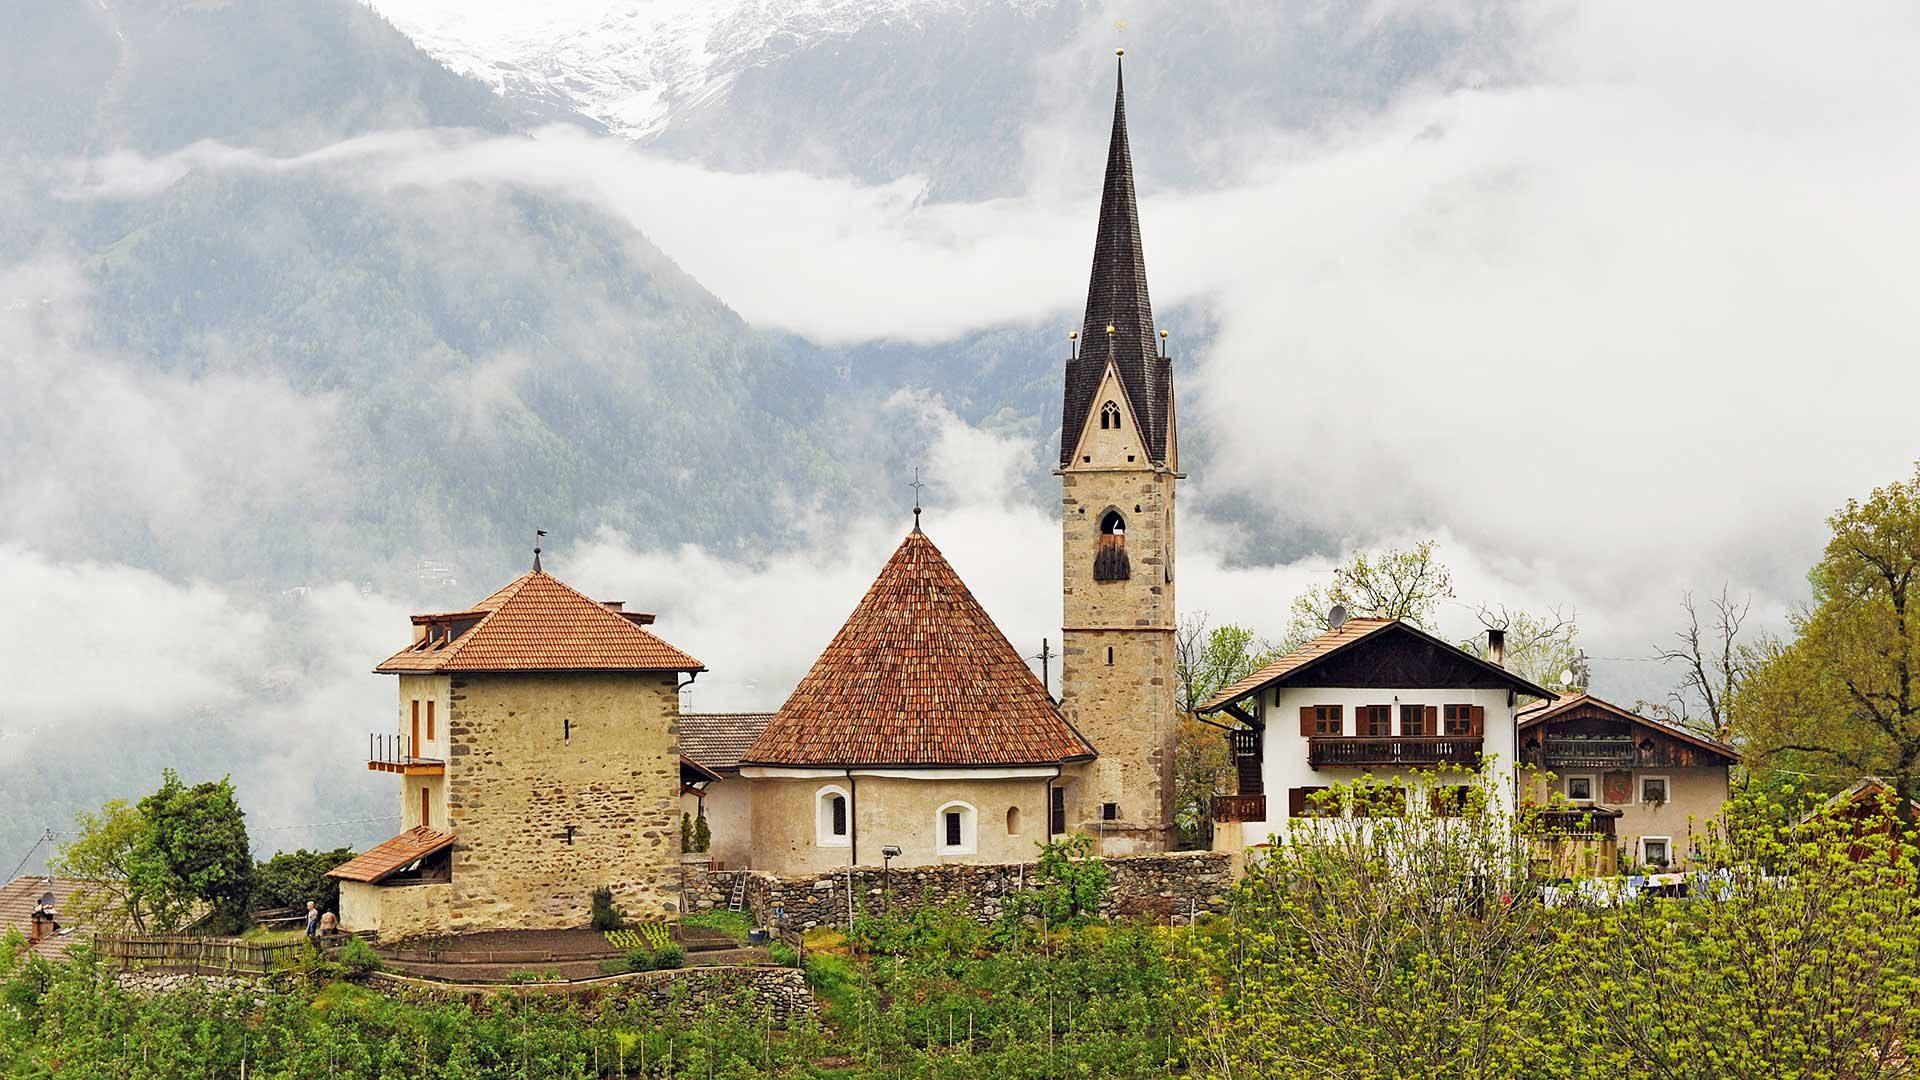 Chiesa di San Giorgio - Scena